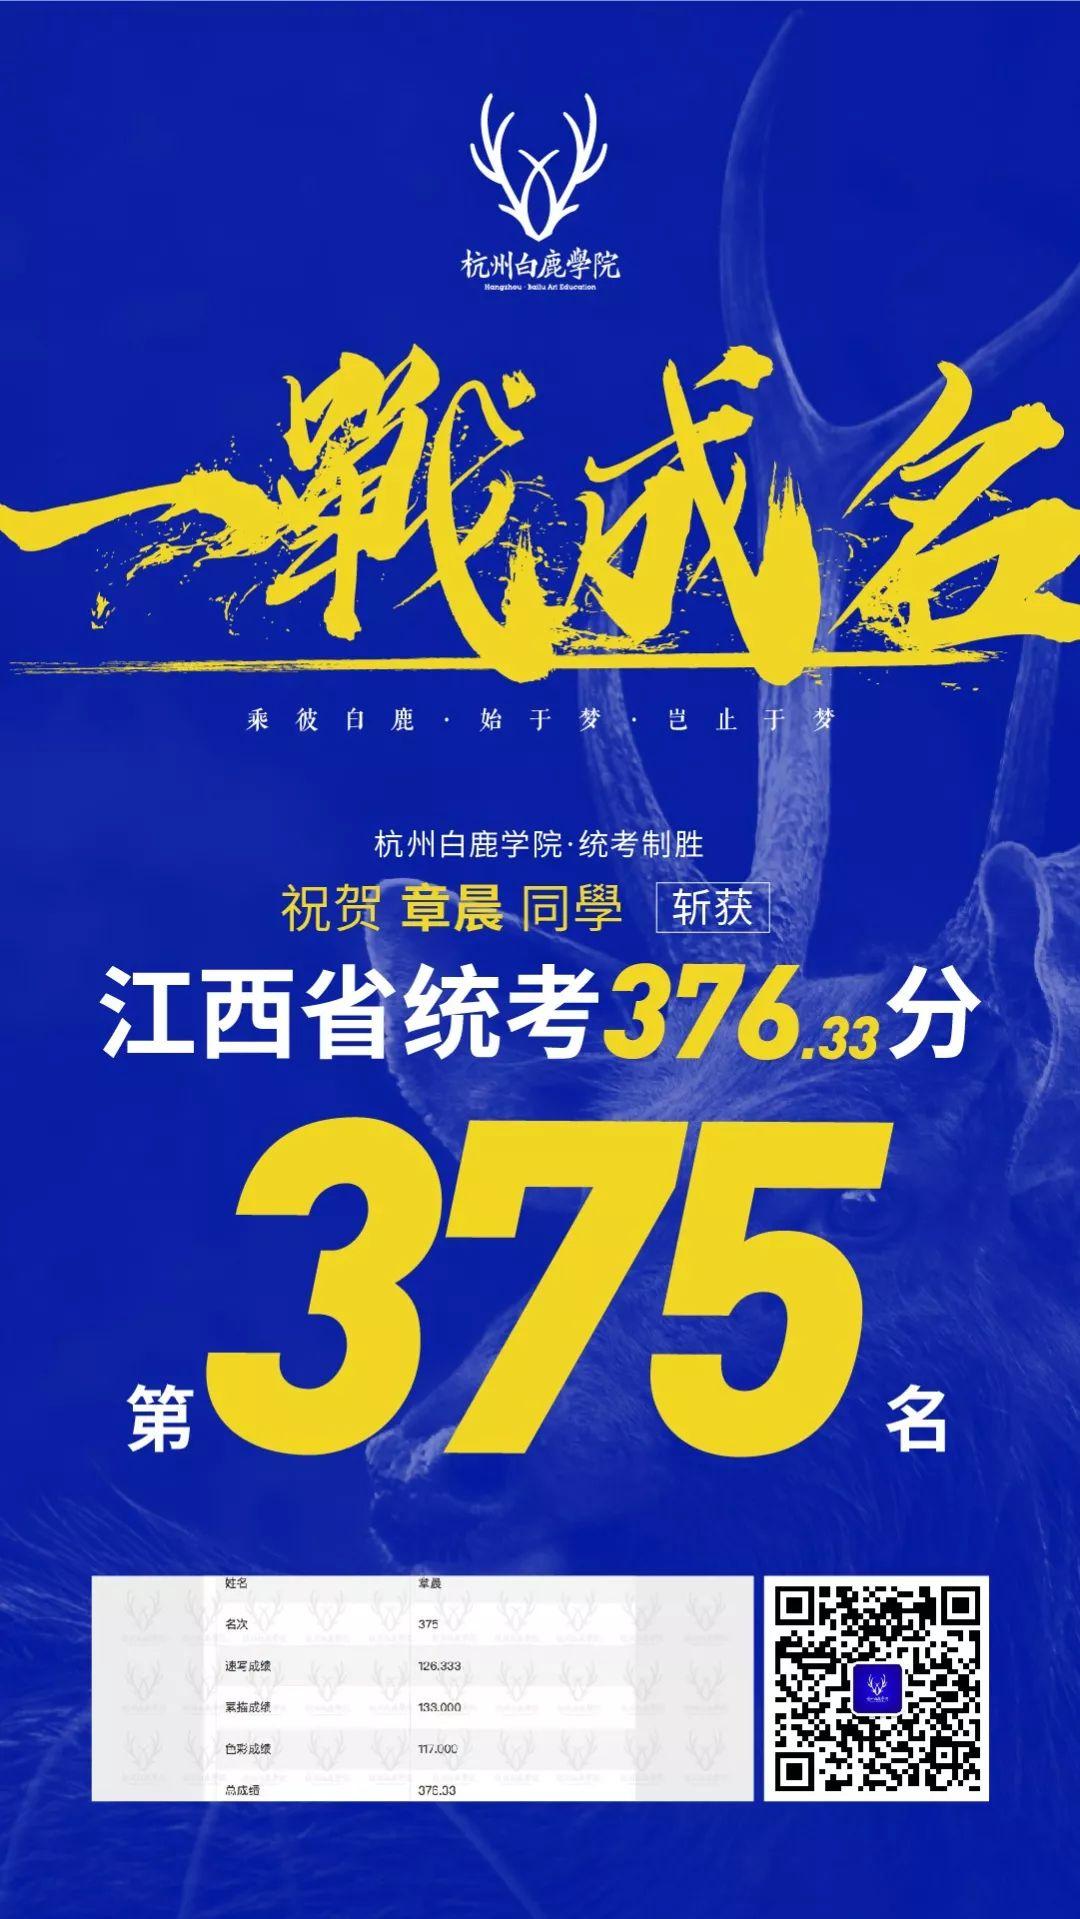 杭州画室,杭州美术培训,杭州联考美术培训,16